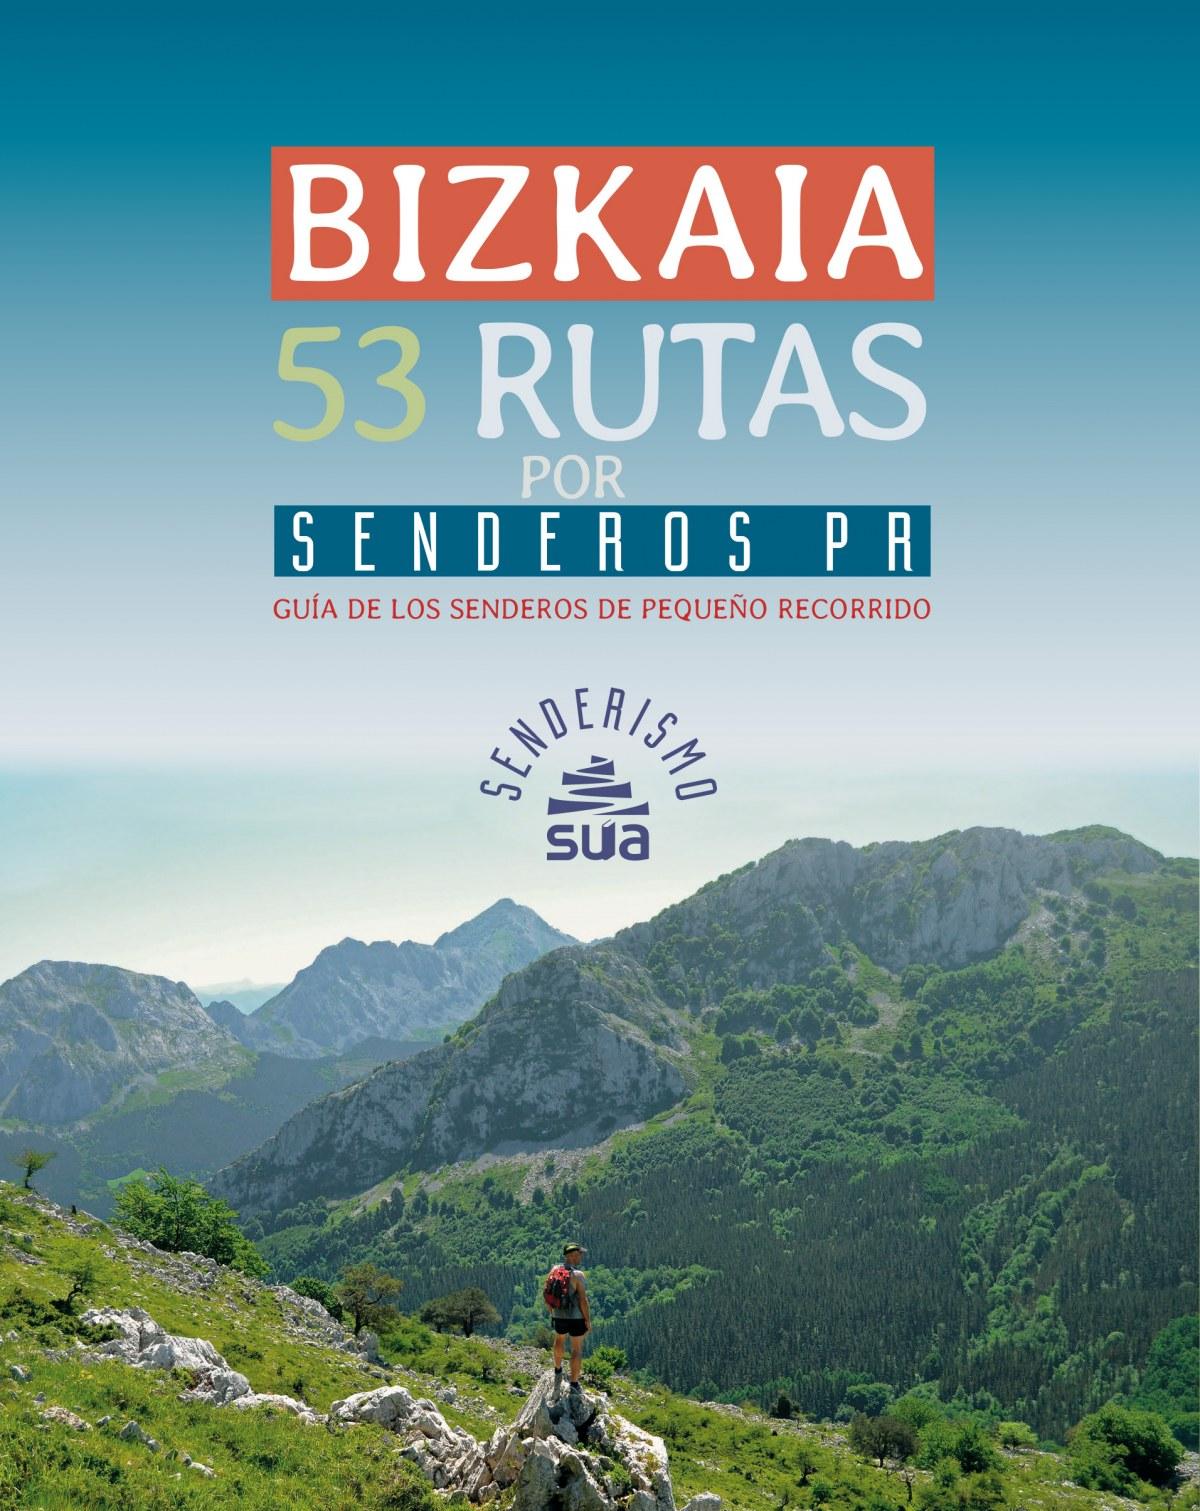 Guia de los PR-s de Bizkaia